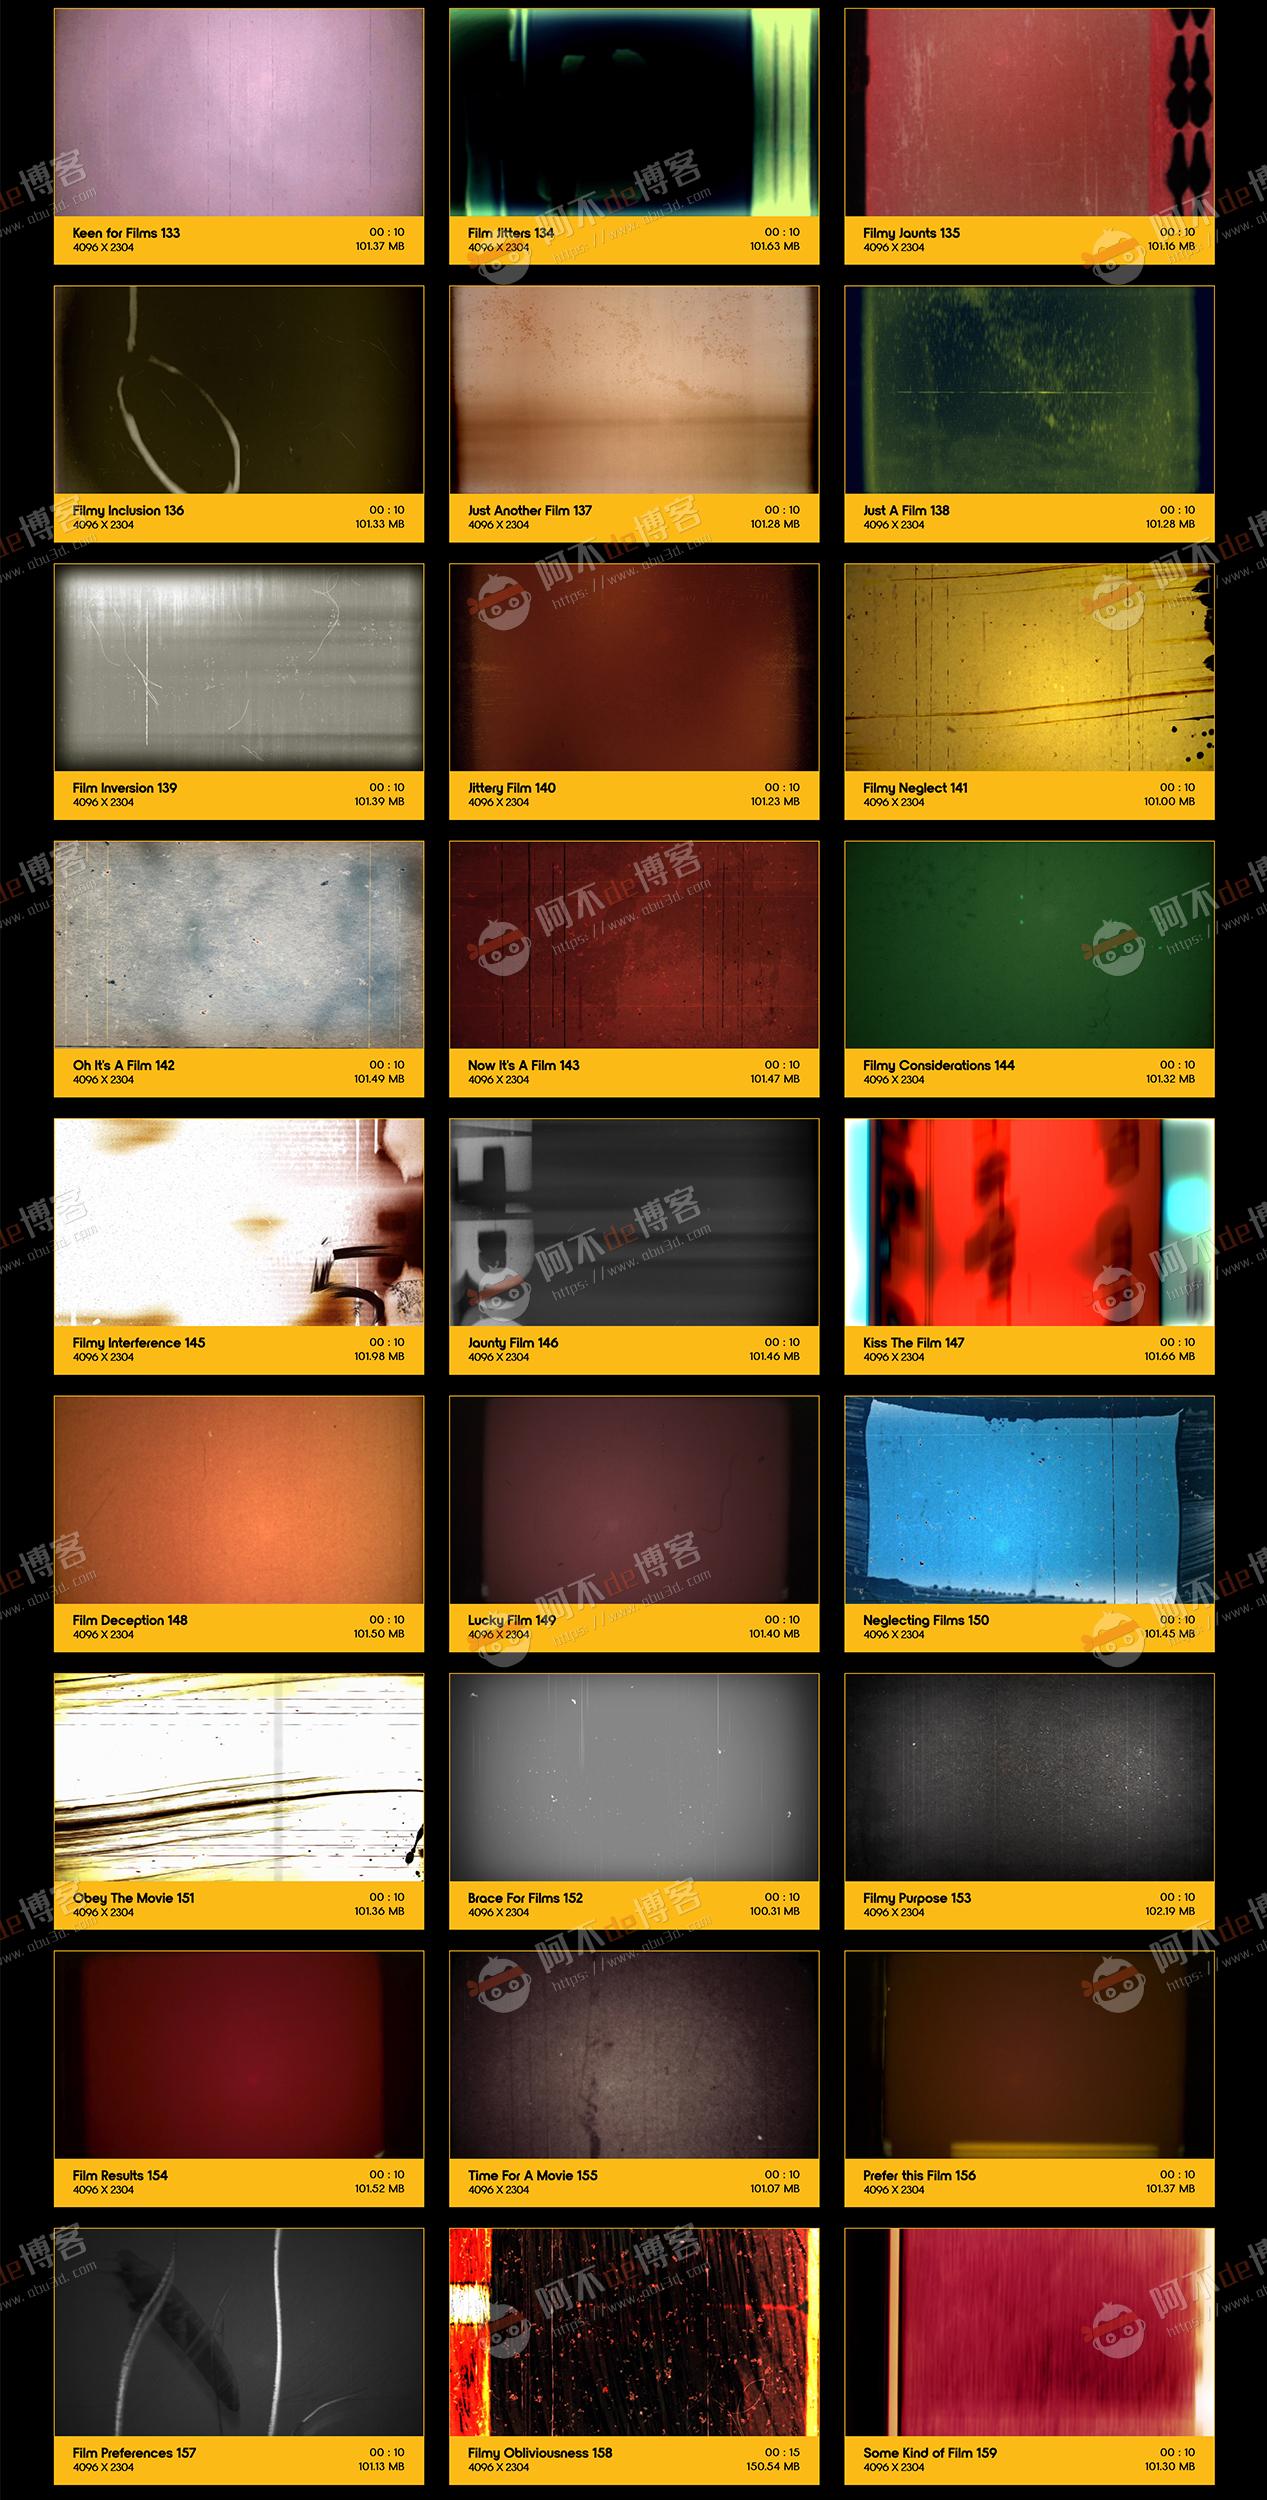 视频素材 BusyBoxx V10 Film Clutter 209组复古怀旧老电影胶片灼烧刮痕污渍噪波动画 特效合成素材插图5